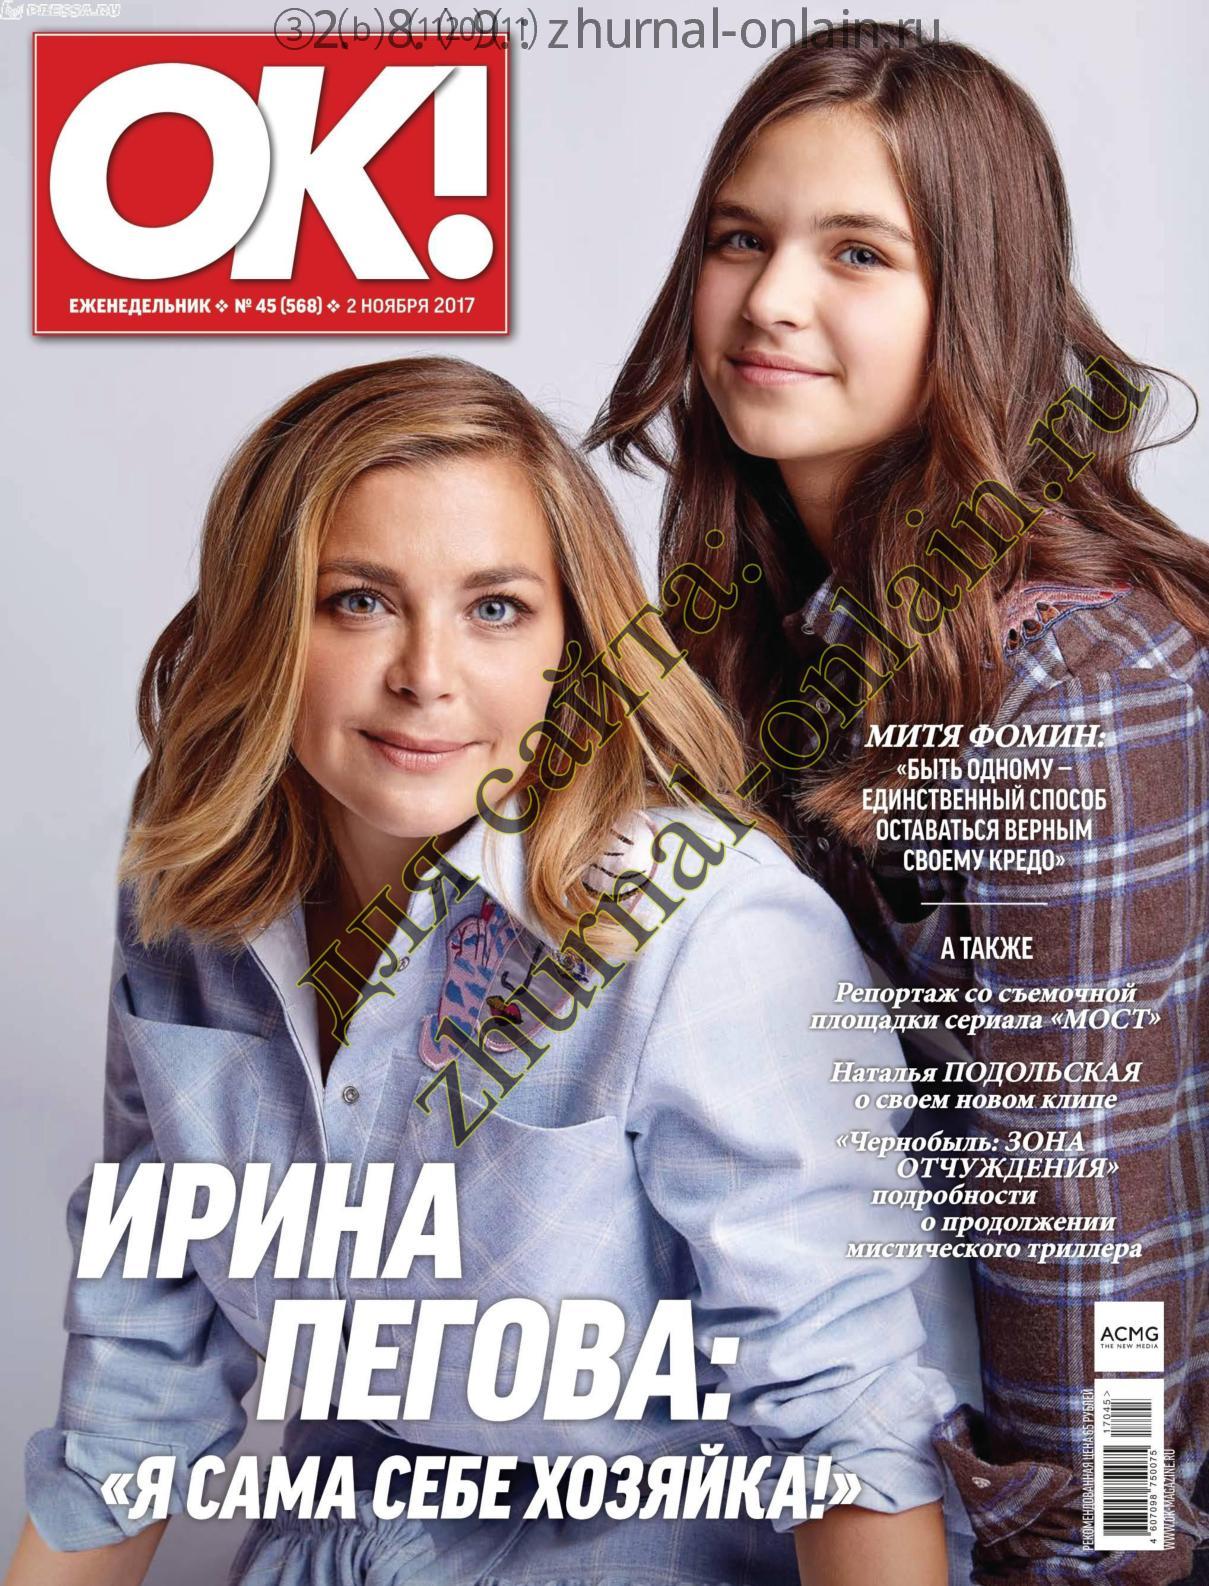 ОК! №45 Октябрь 2017 год zhurnal-onlain.ru